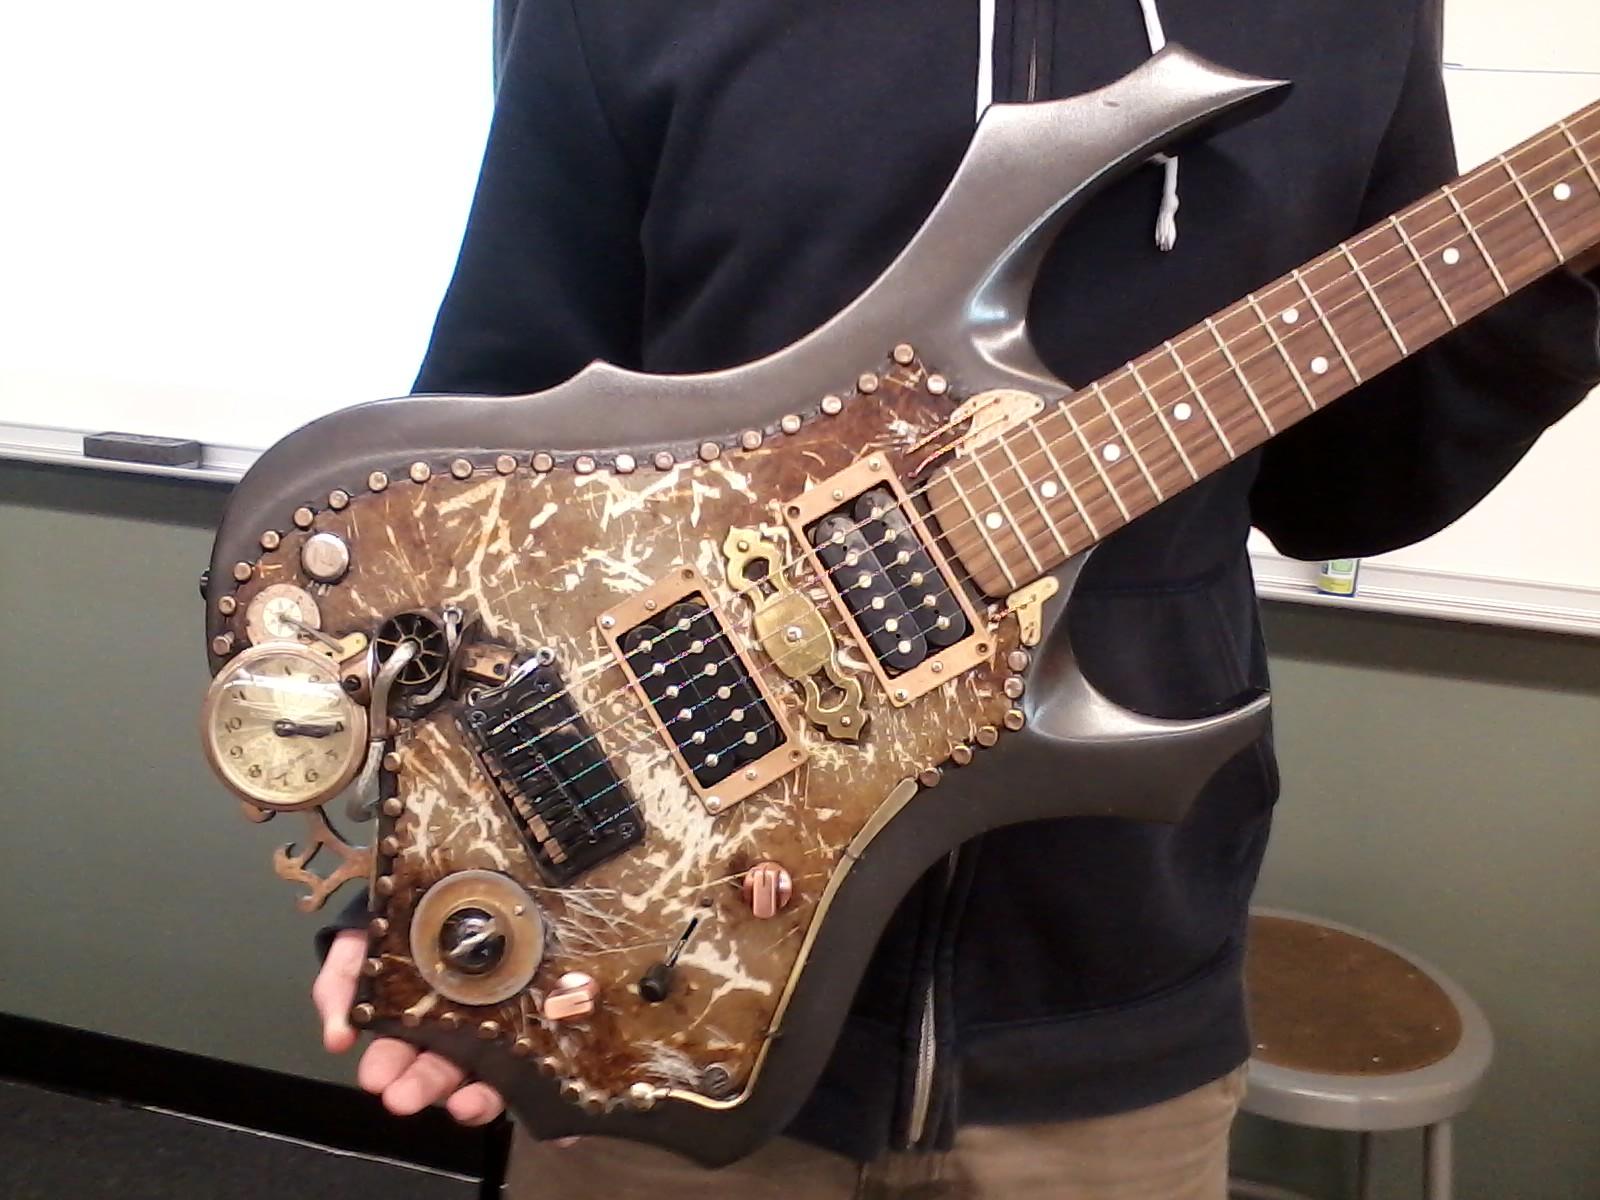 RoboRams SteamPunk Guitar